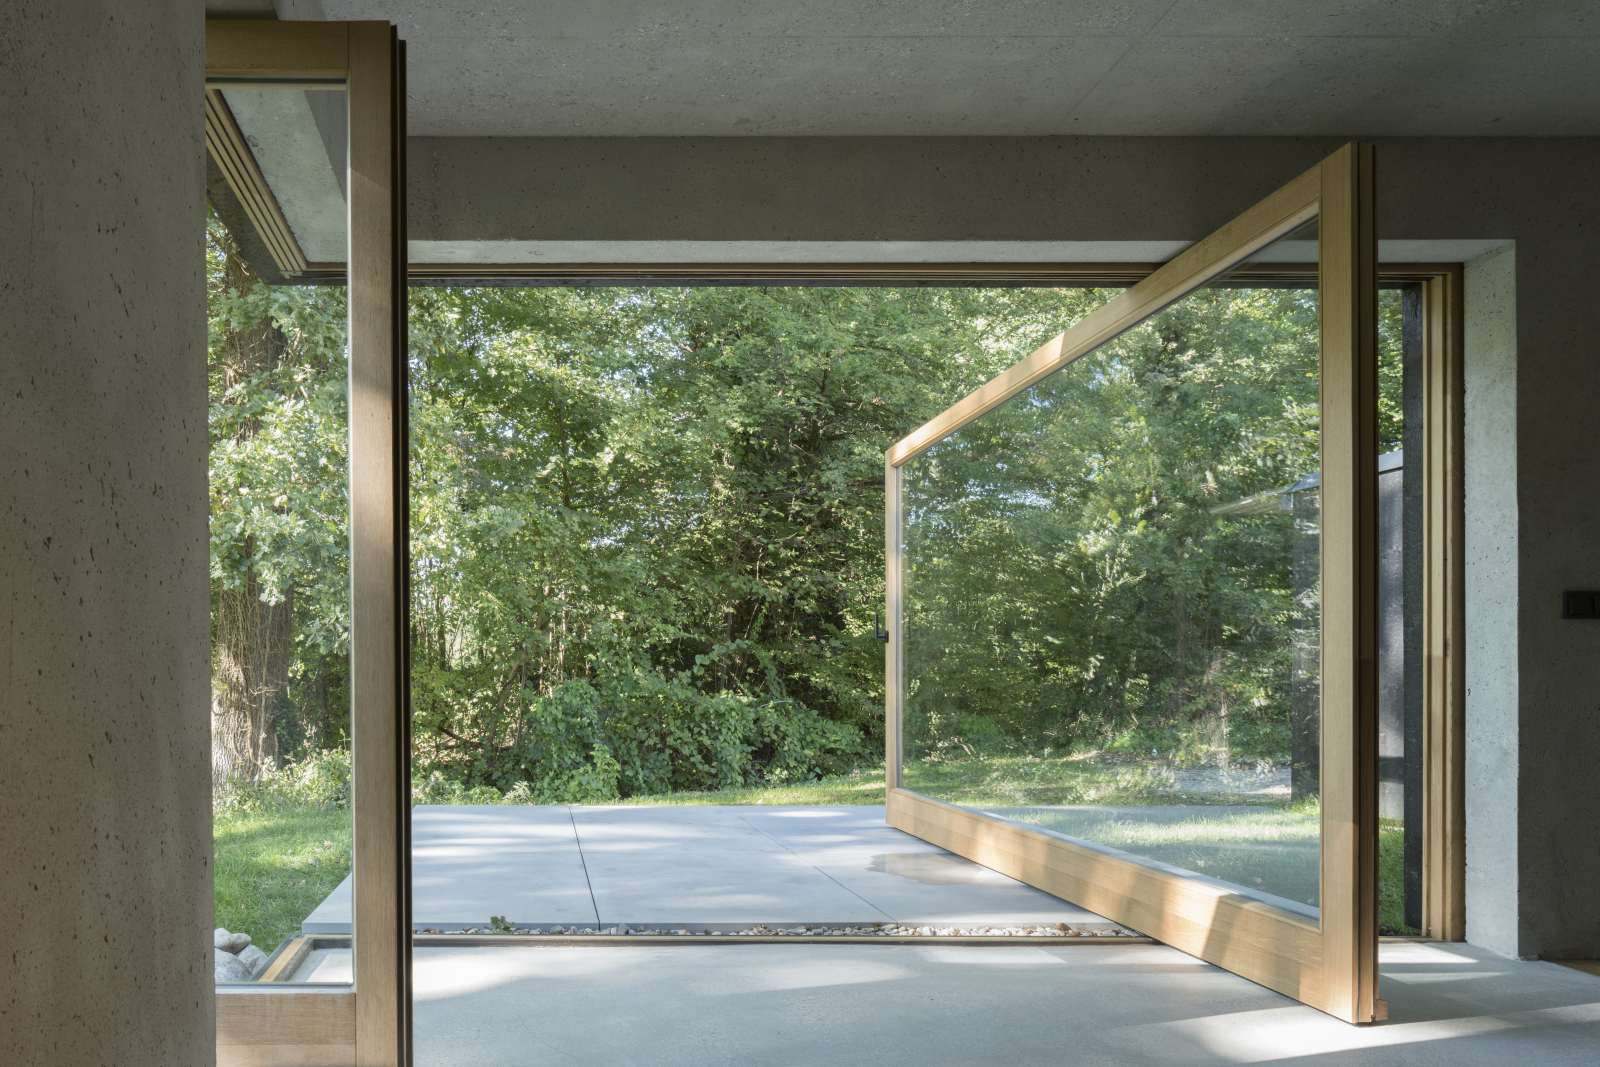 Kleine Haus Terrasse mit Pivot-Fenster